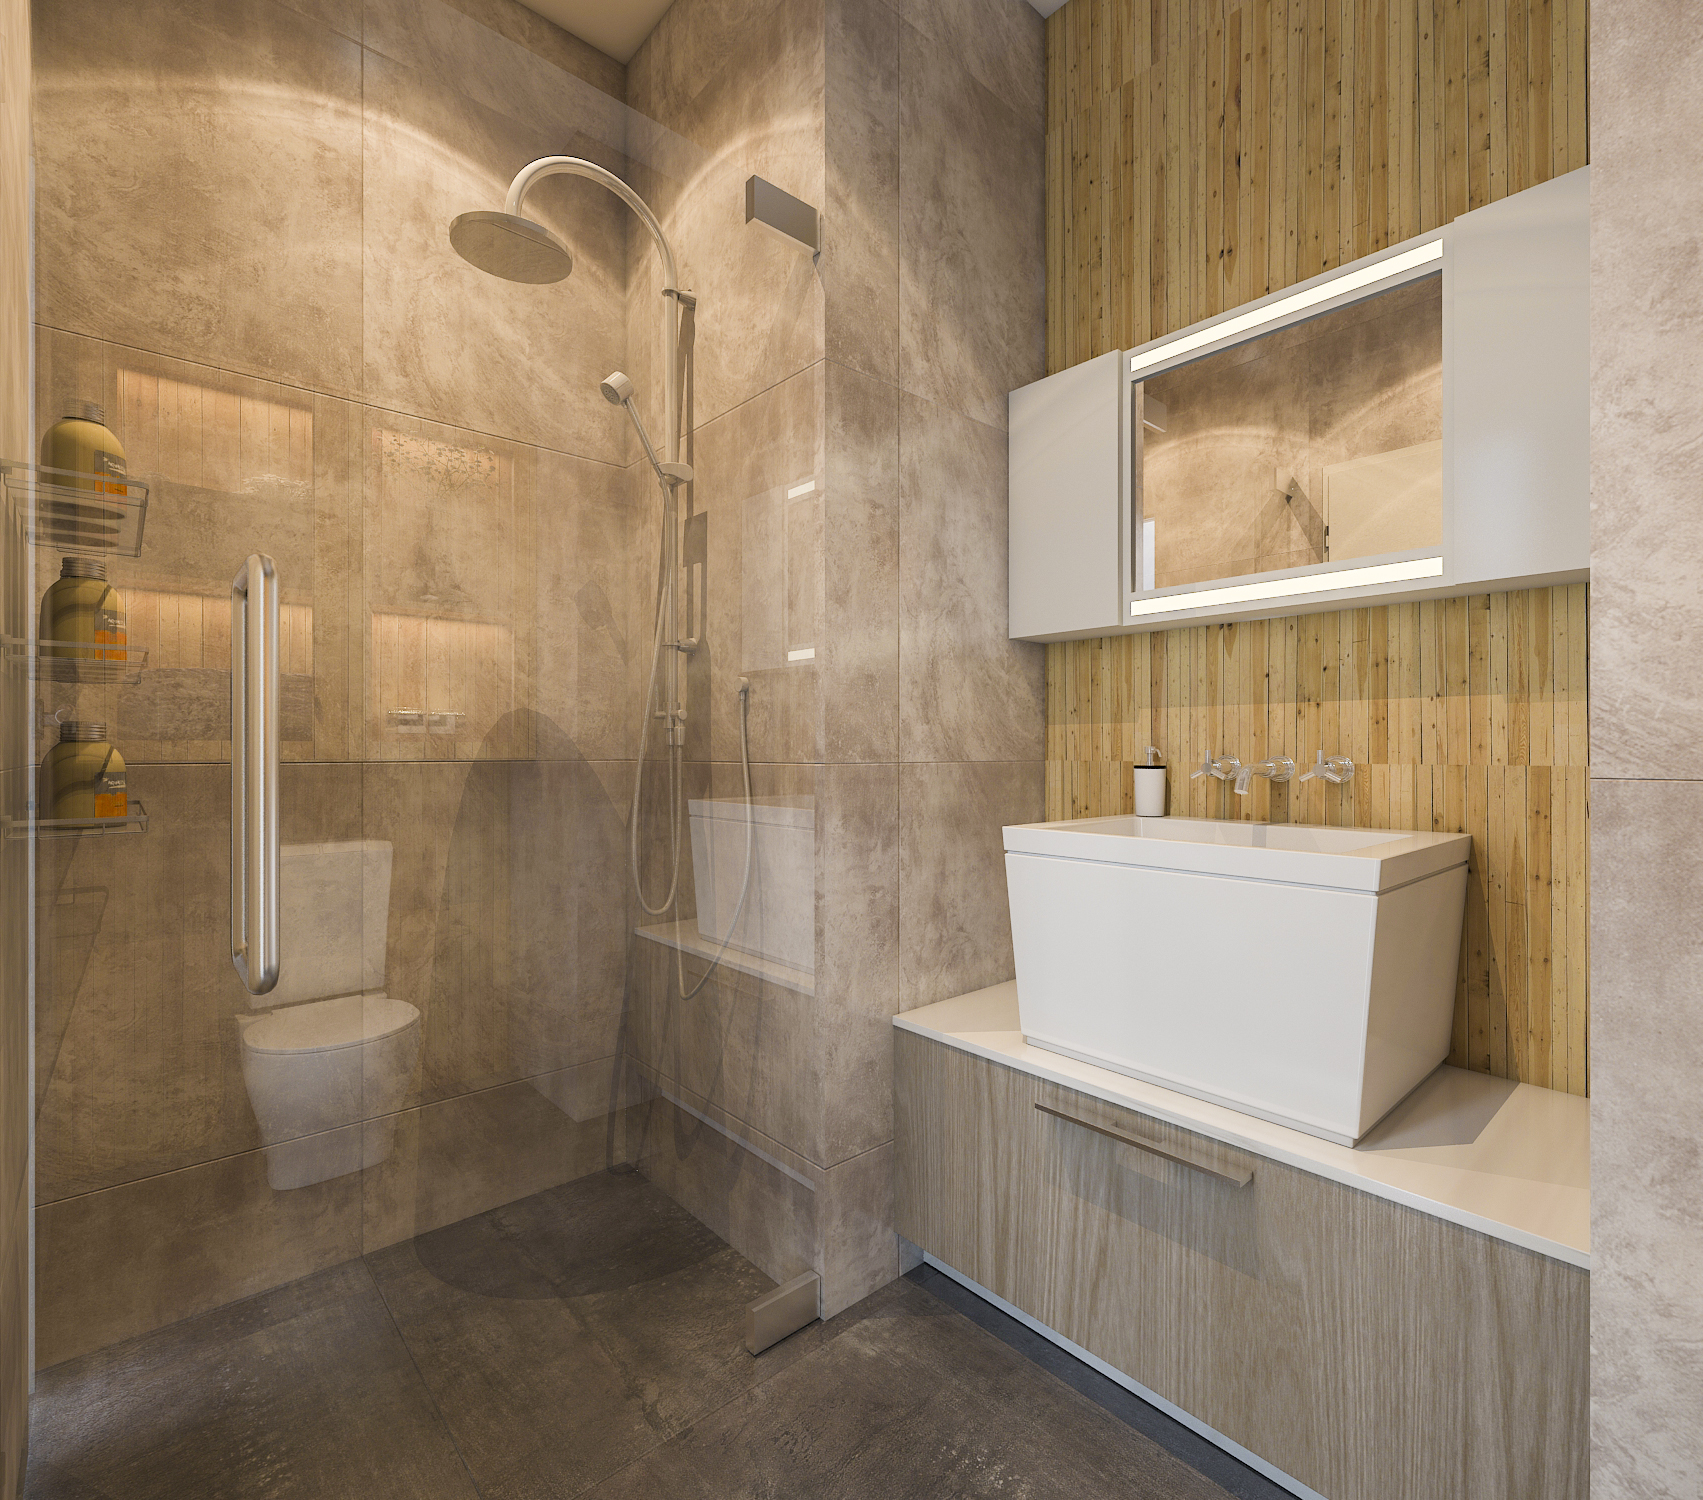 thiết kế nội thất chung cư tại Hồ Chí Minh Mr. Hiếu Apartment 27 1561701458